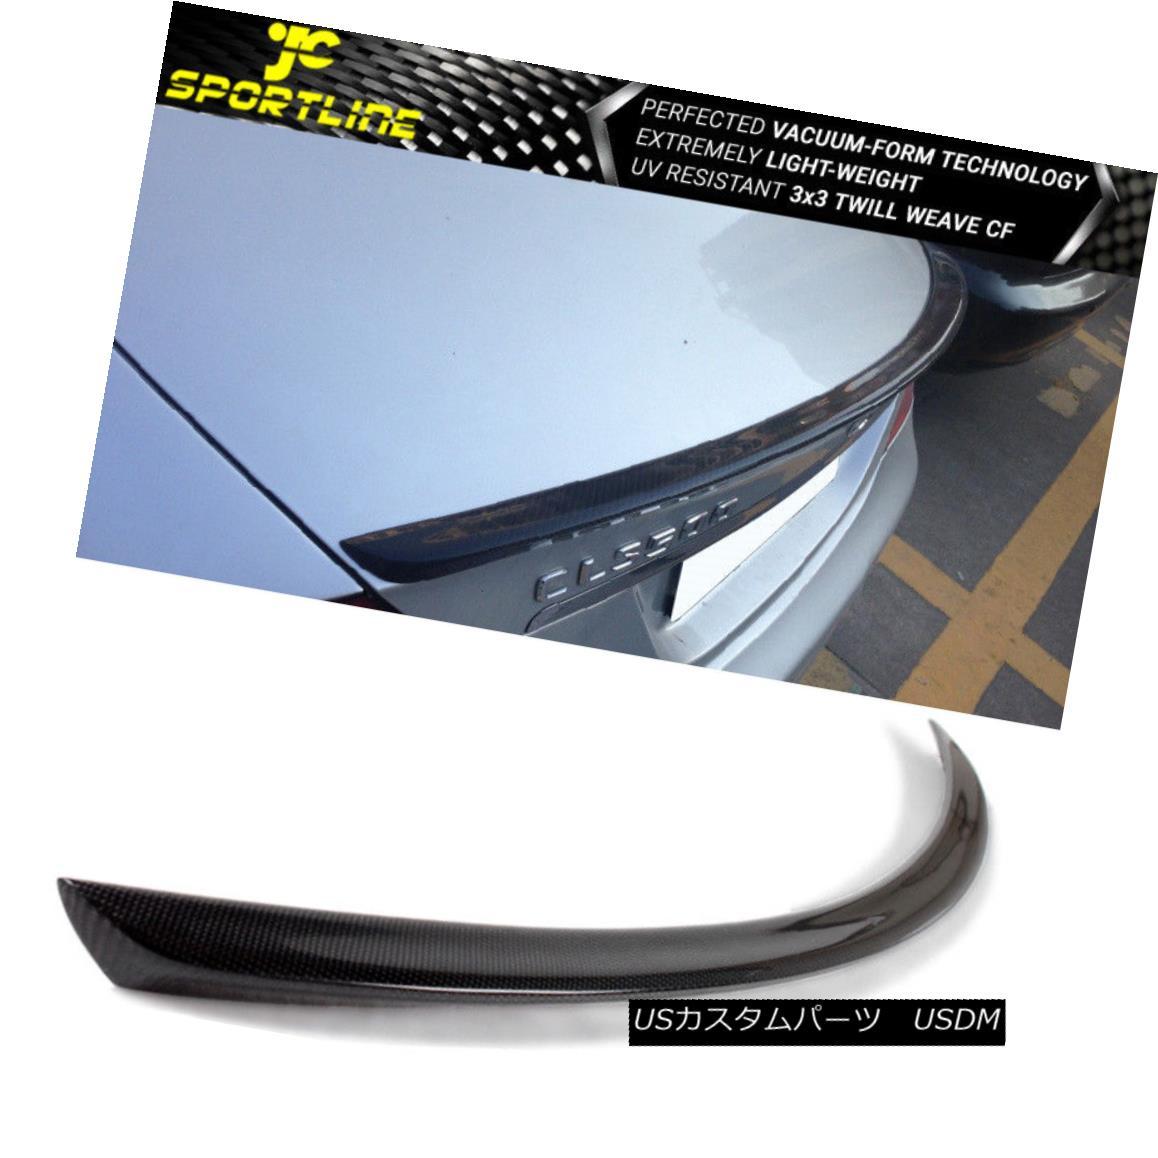 エアロパーツ Fits 06-10 Mercedes W219 CLS300 CLS350 CLS63 AMG Sedan 4-Door Trunk Spoiler CF 適合06-10メルセデスW219 CLS300 CLS350 CLS63 AMGセダン4ドアトランク・スポイラーCF